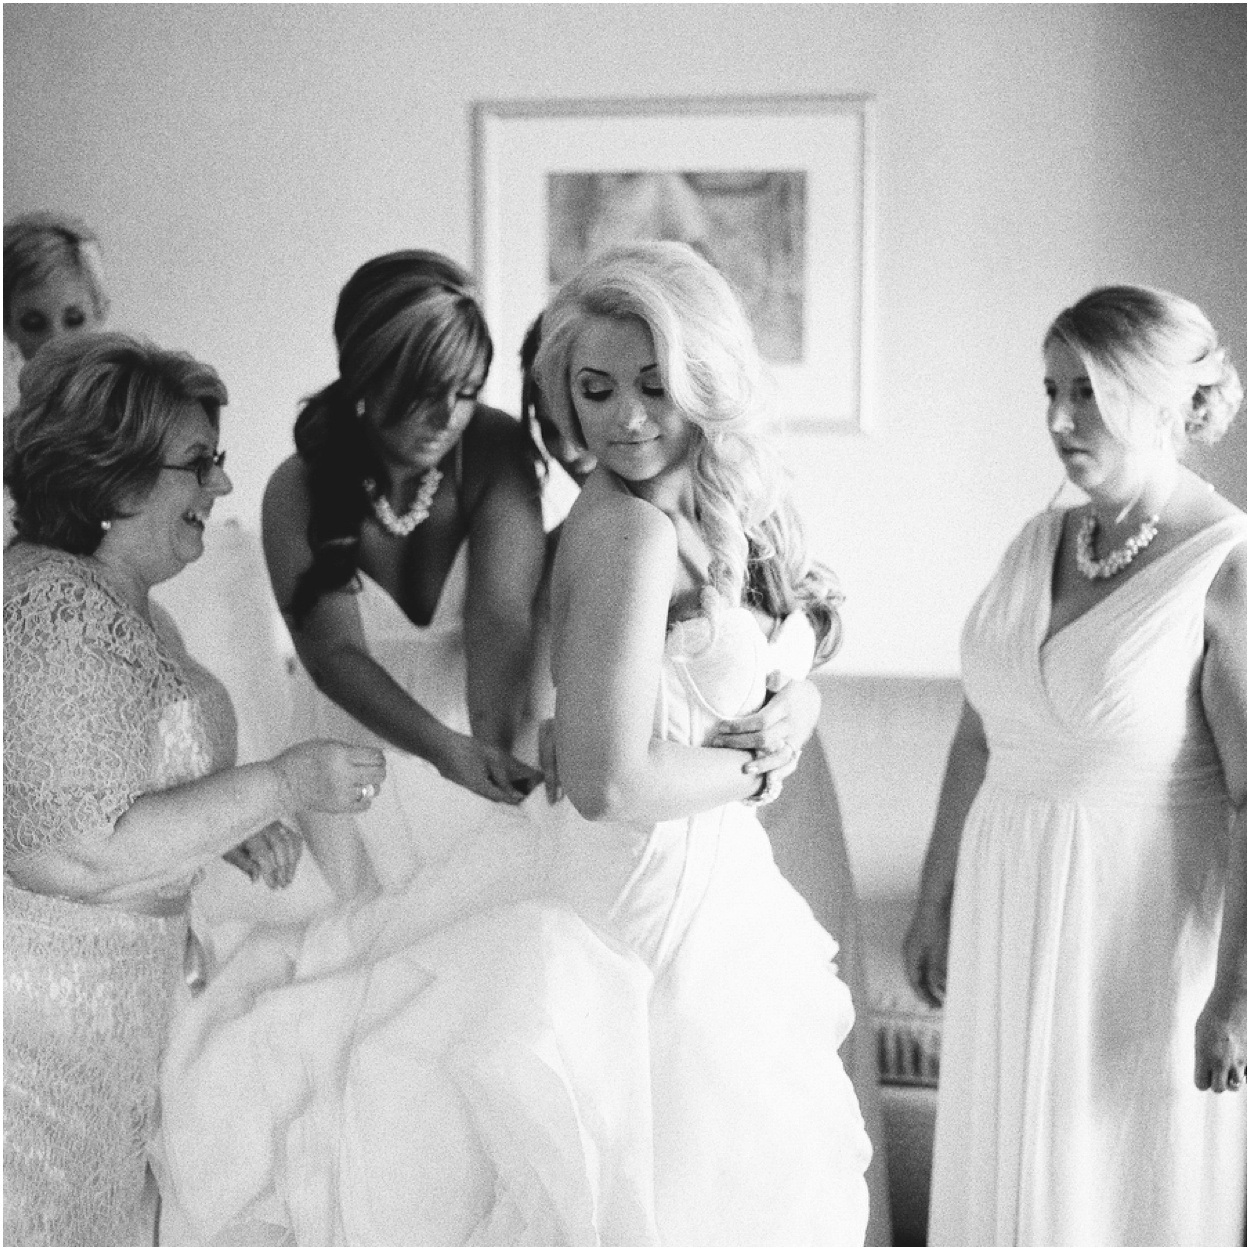 Colombus_Ohio_Film_Wedding_Photographer0006.jpg